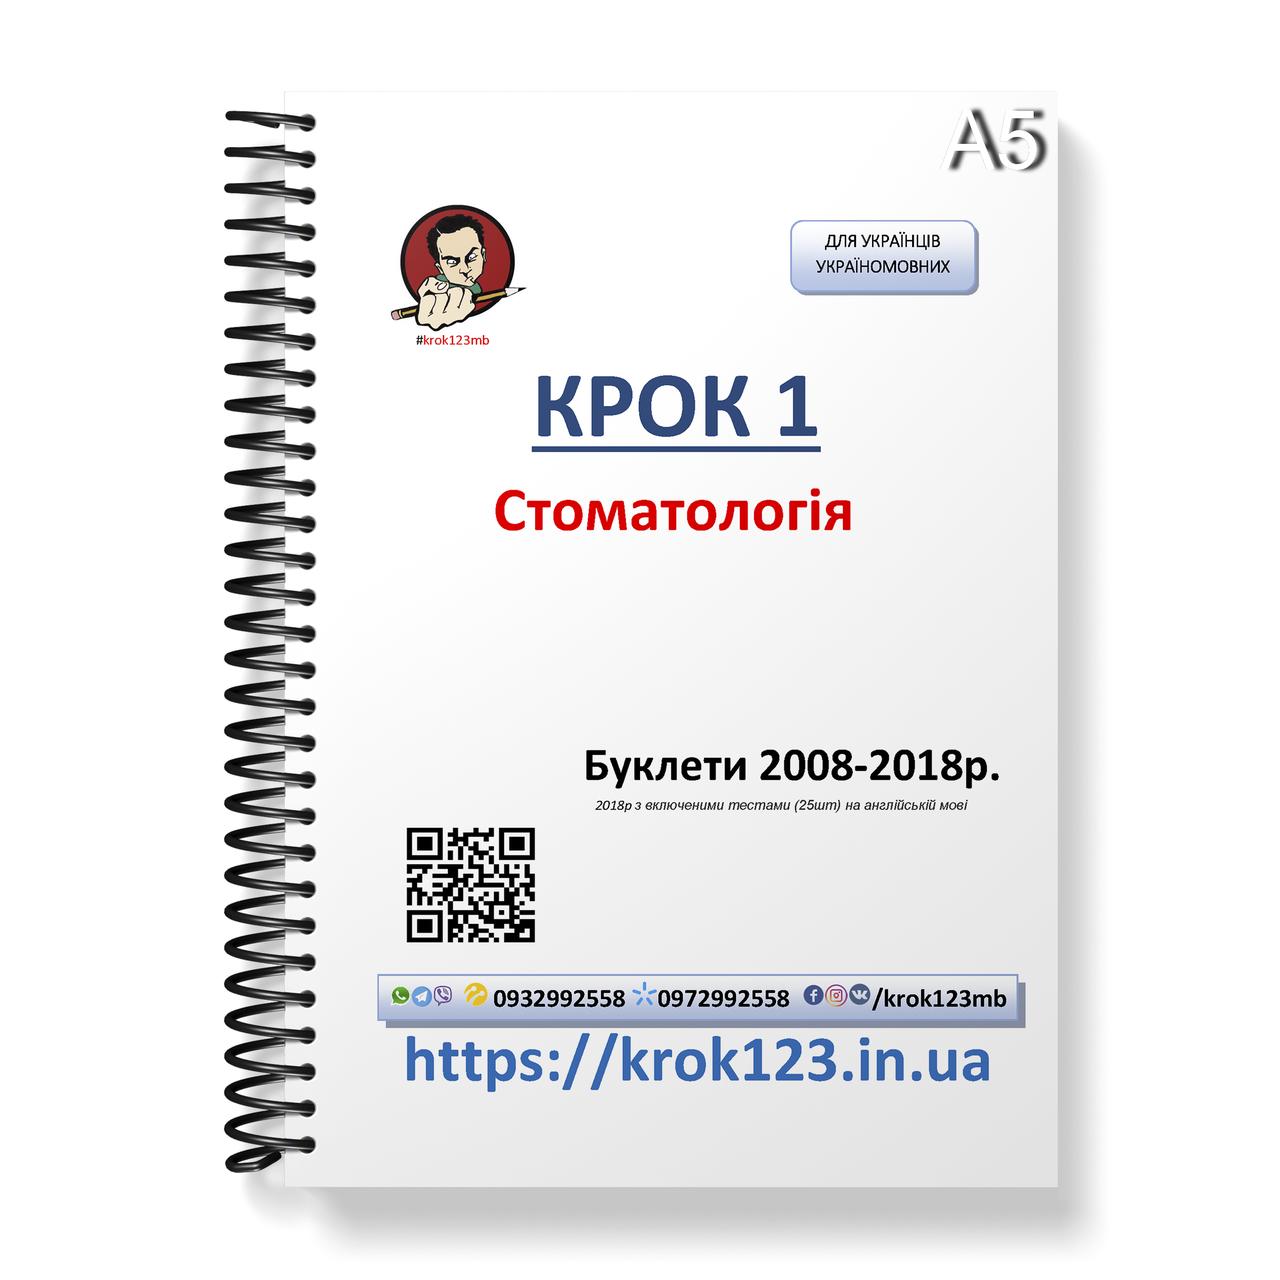 Крок 1. Стоматология. Буклеты 2008-2018 . Для украинцев украиноязычных. Формат А5